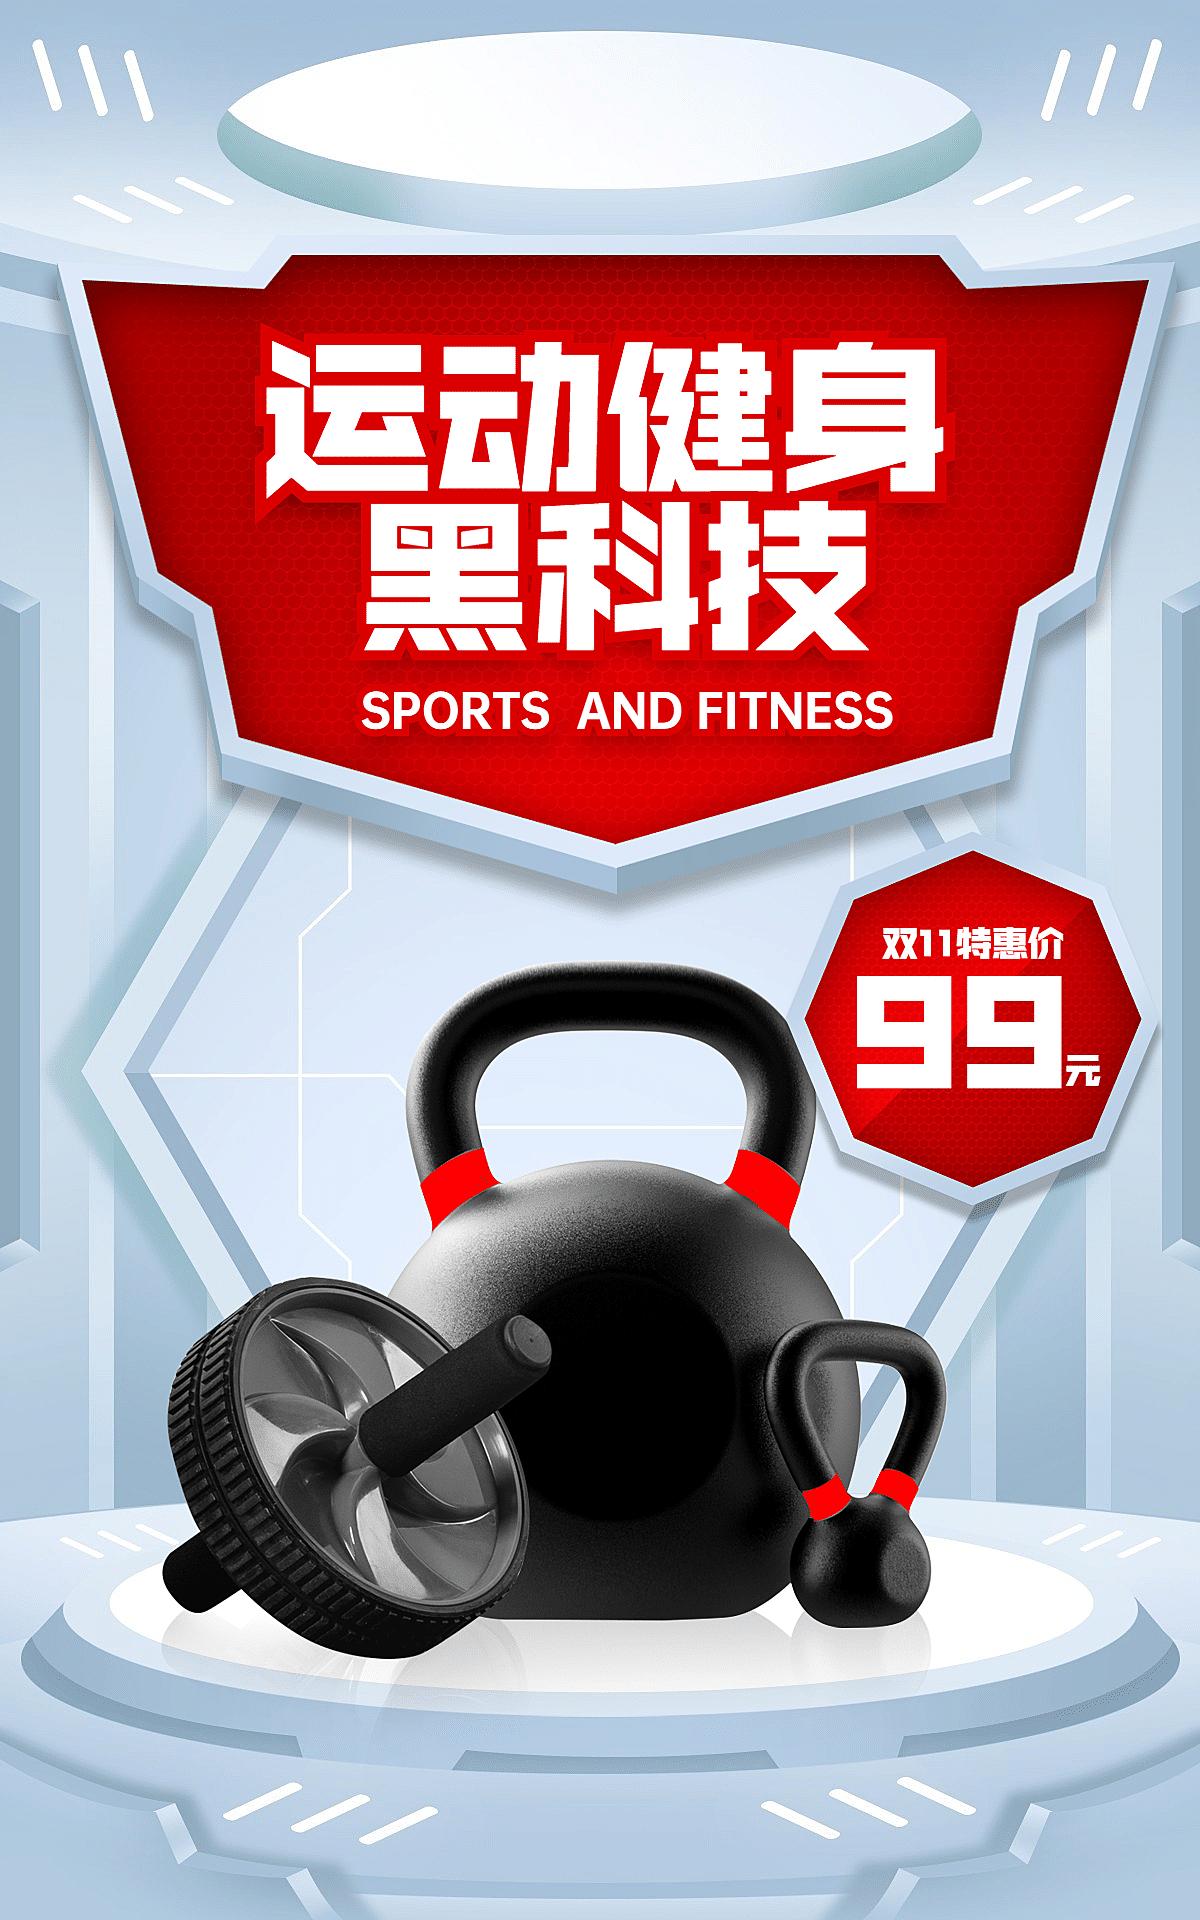 科技风双11运动健身器材海报